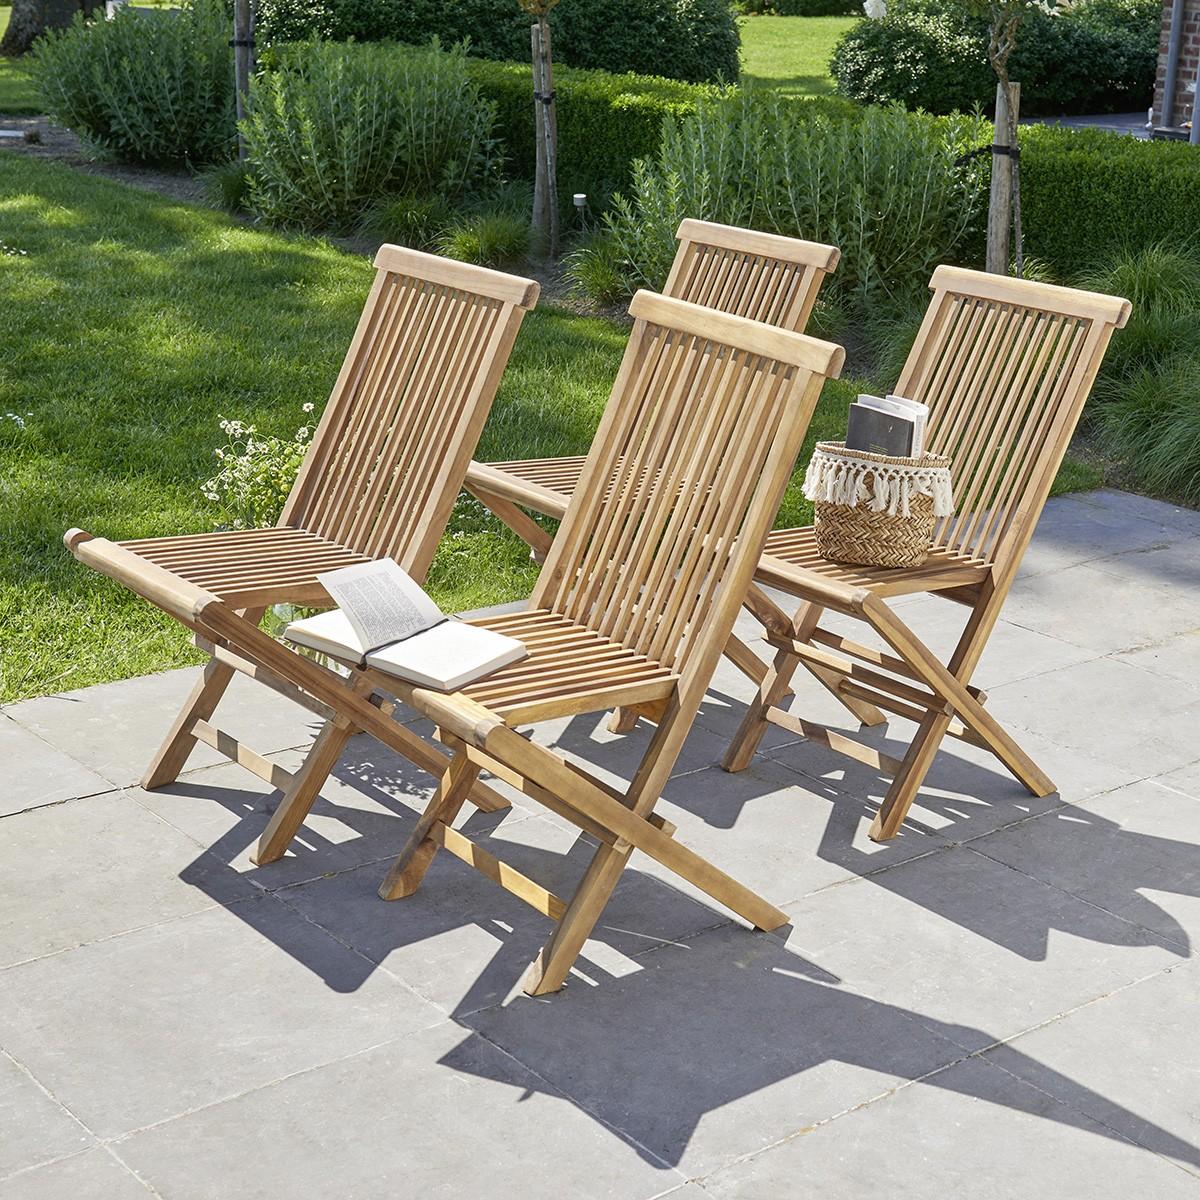 4 chaises de jardin en teck huilé pliantes